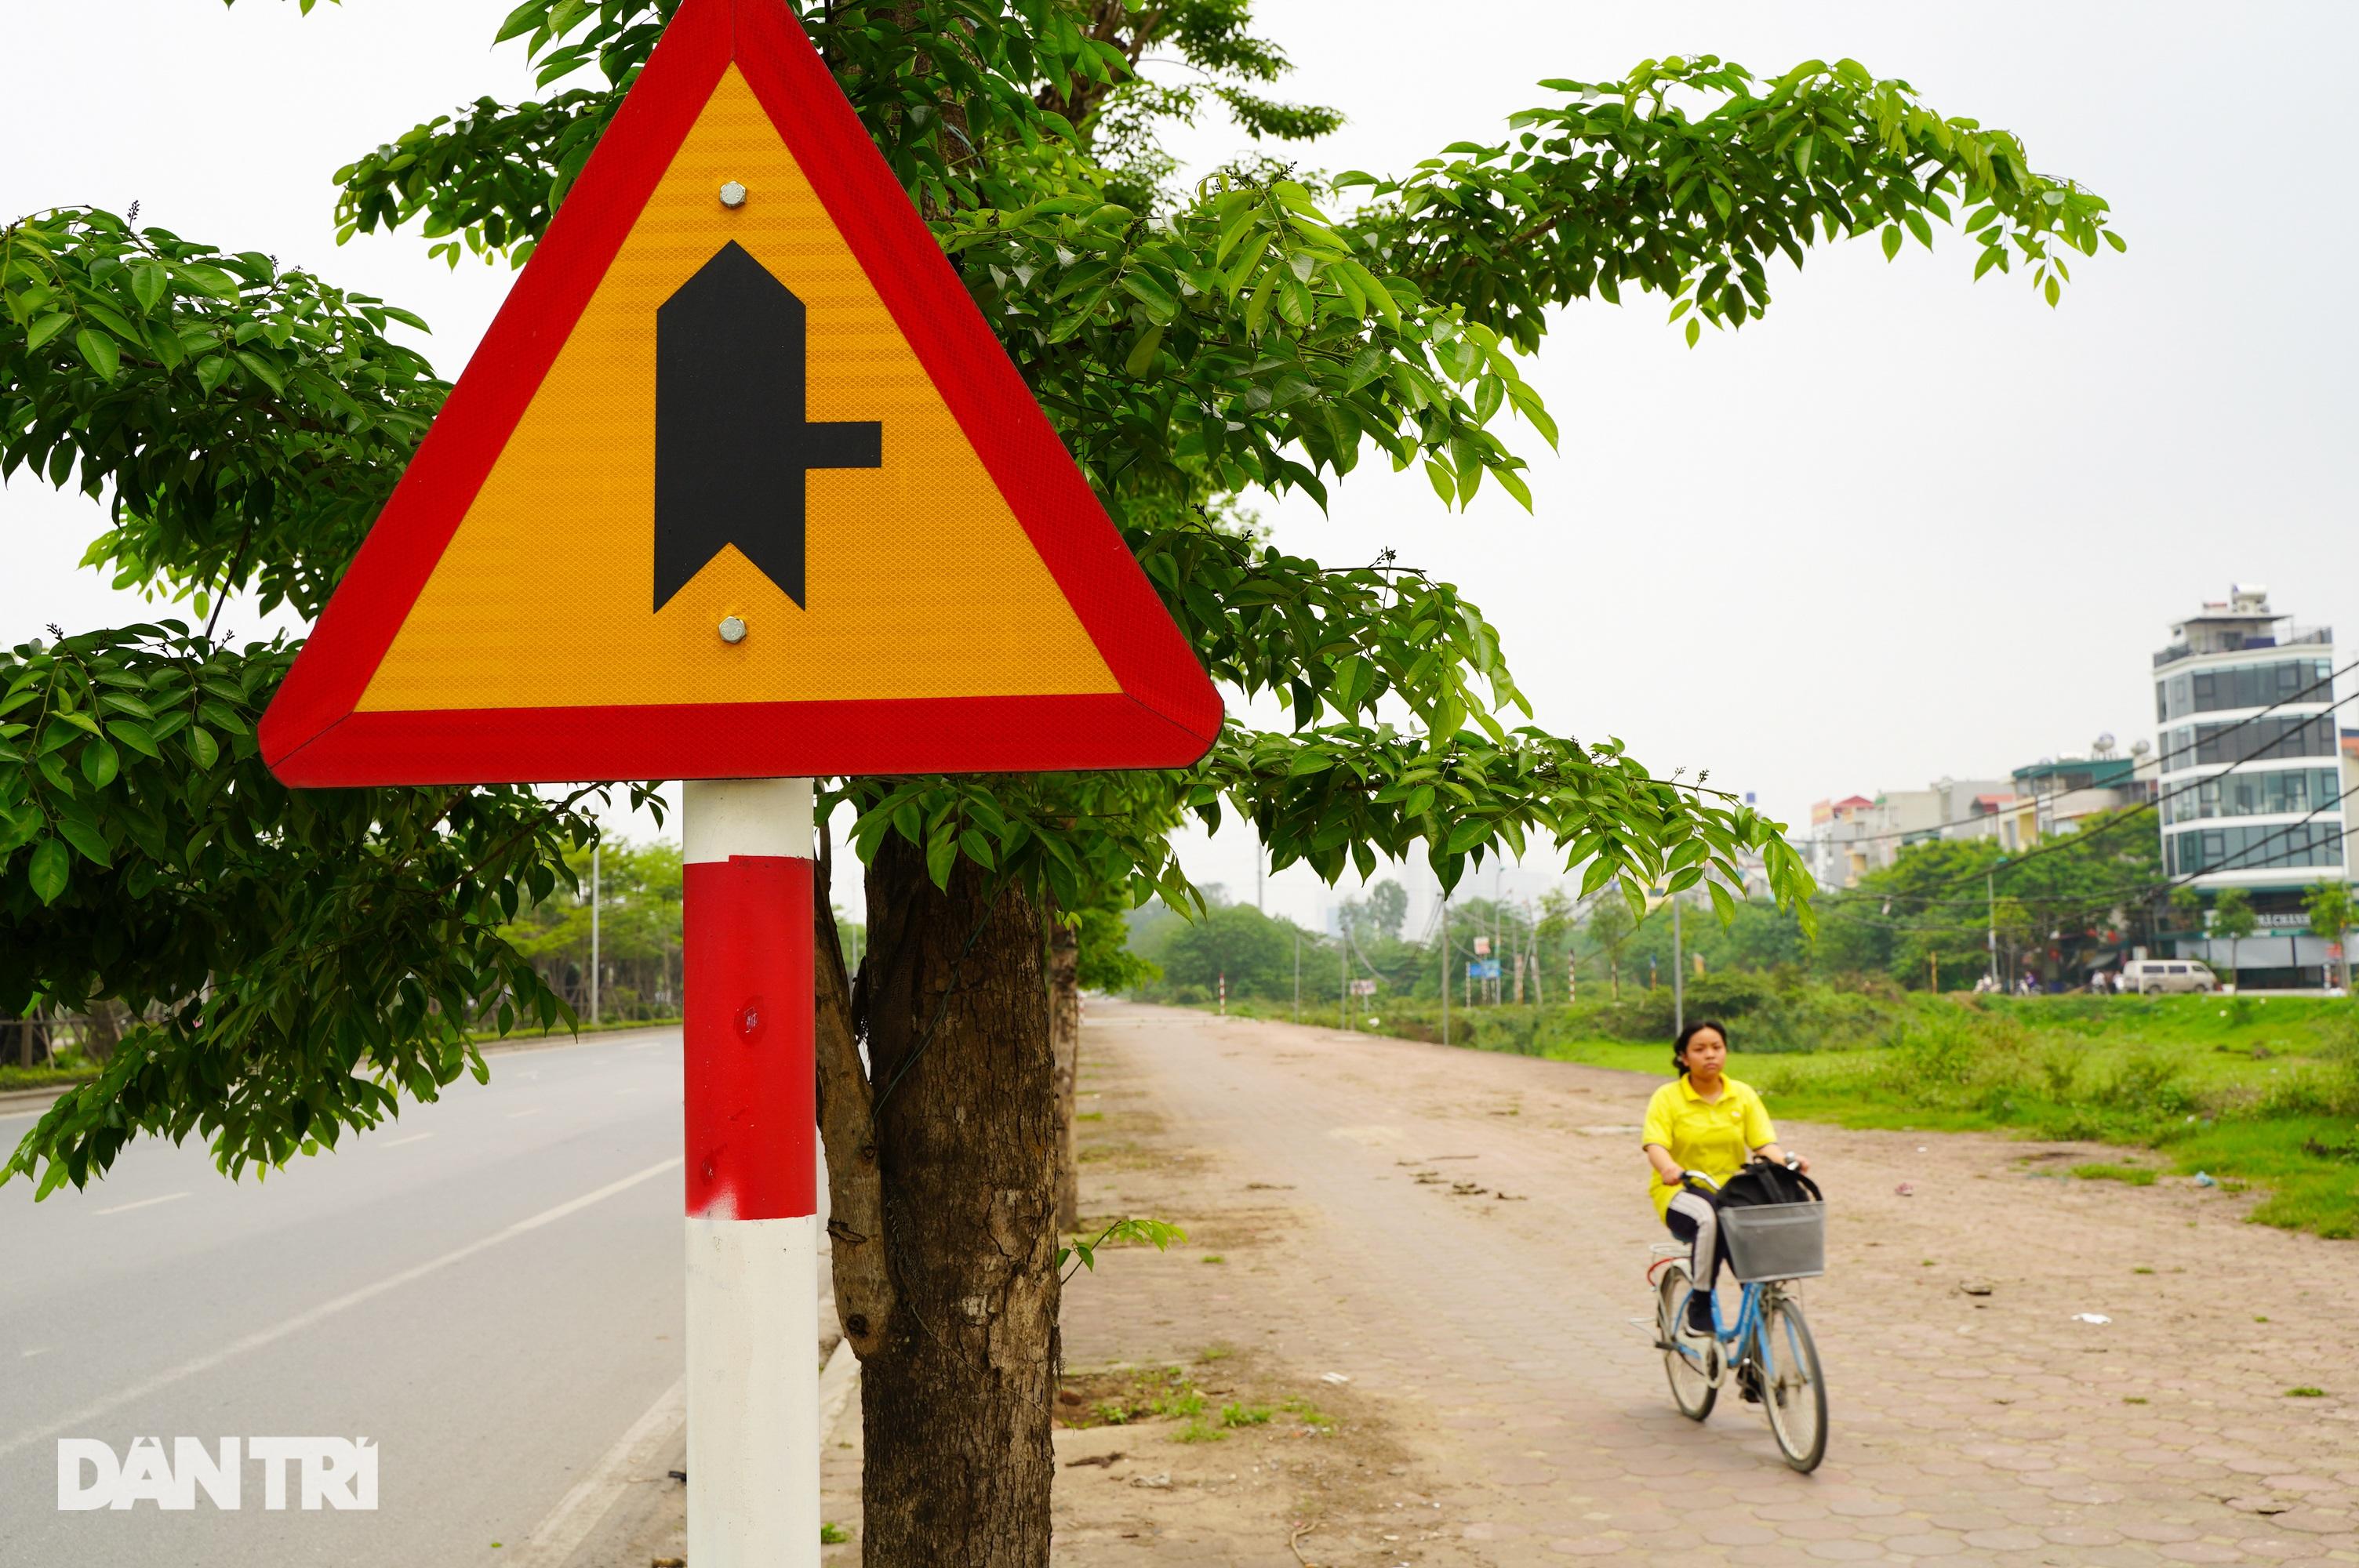 Toàn cảnh tuyến đường hơn 7.500 tỷ đồng kết nối 4 quận, huyện ở Hà Nội - 9